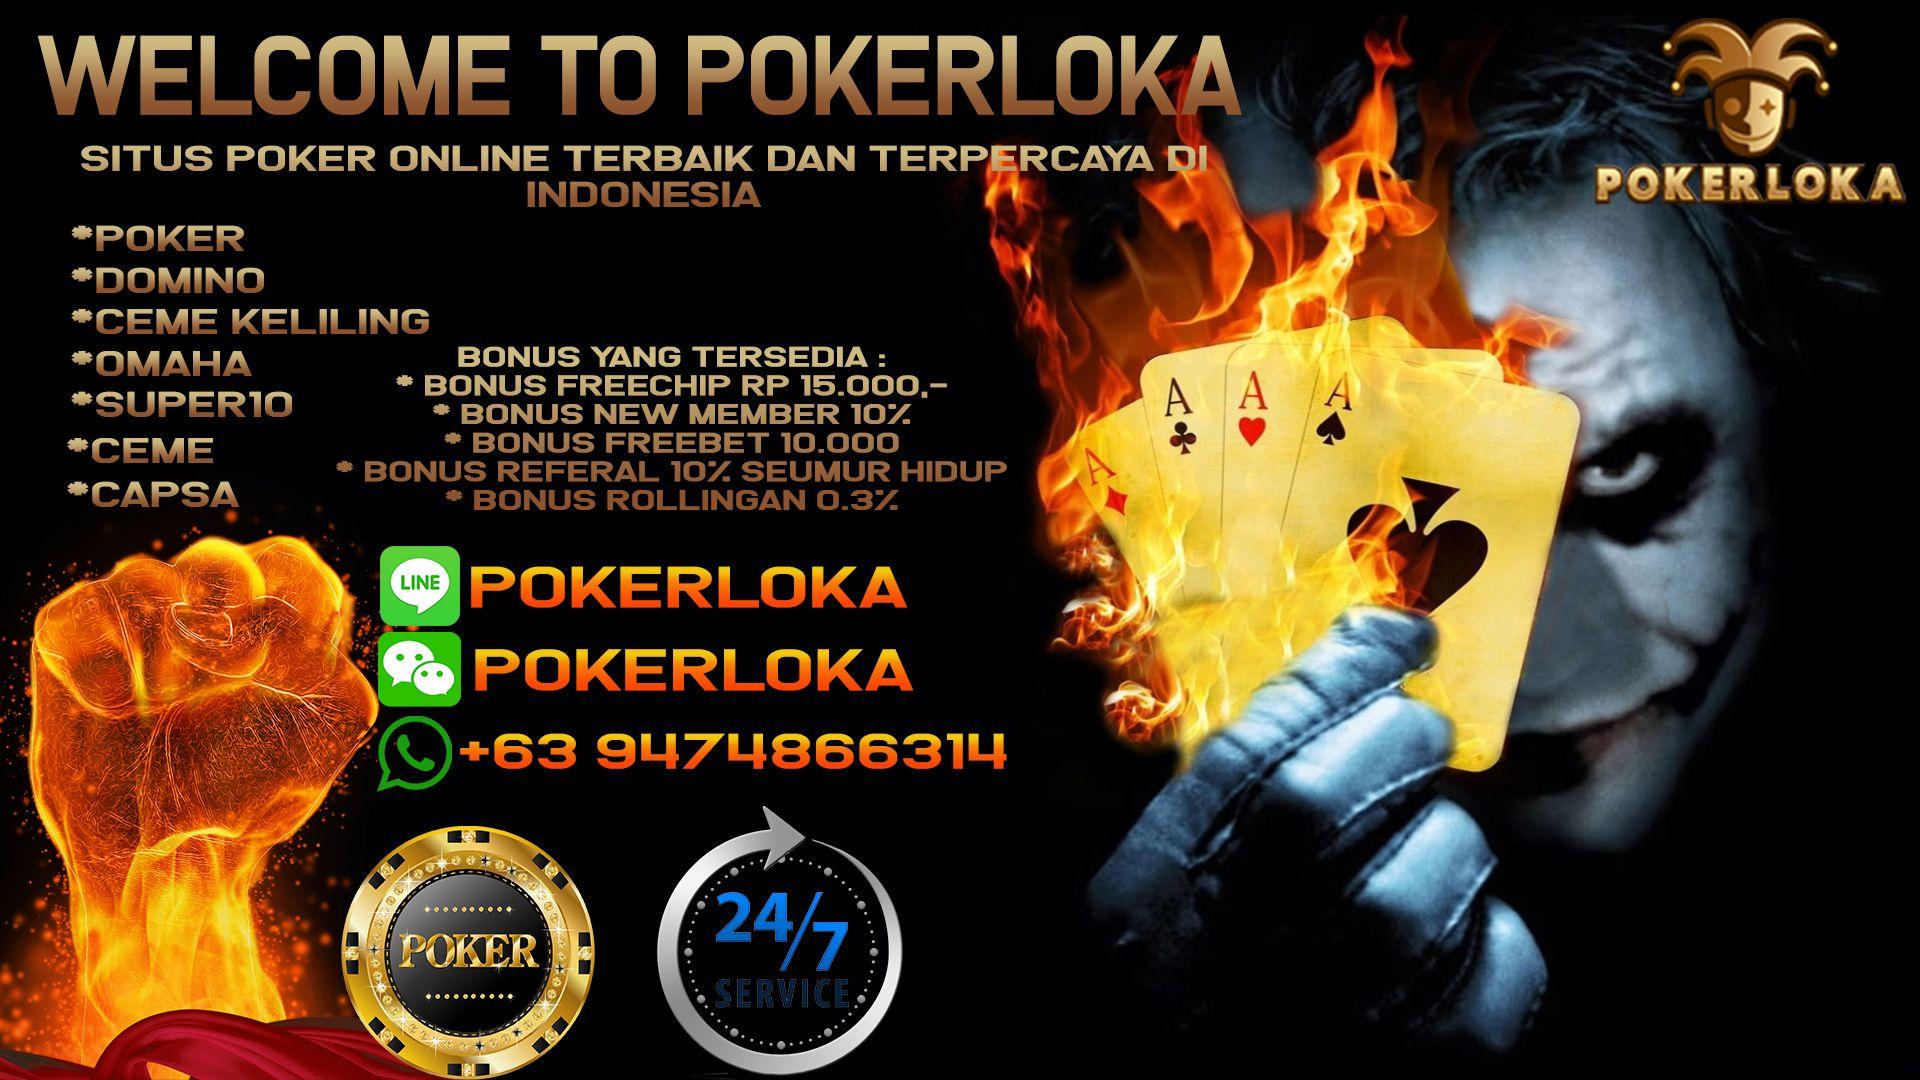 Pokerloka merupakan situs poker online terbaik dant